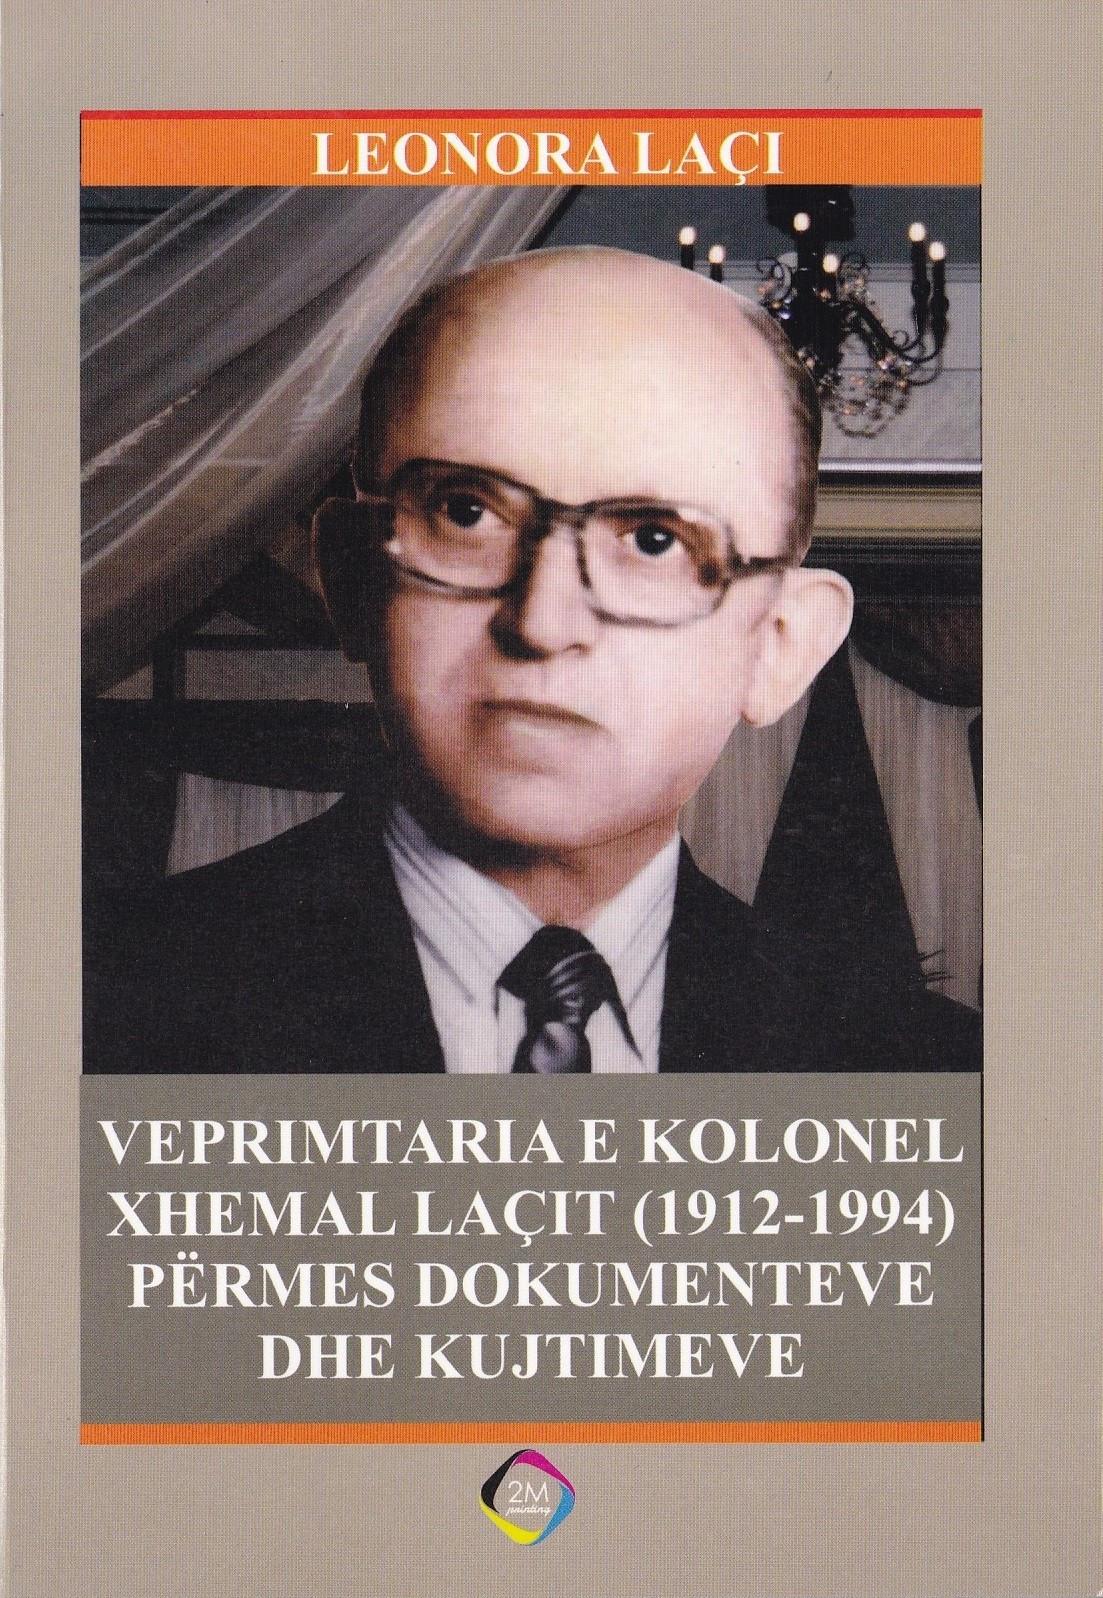 Veprimtaria e kolonel Xhemal Laçit( 1912-1994) përmes dokumenteve dhe kujtimeve